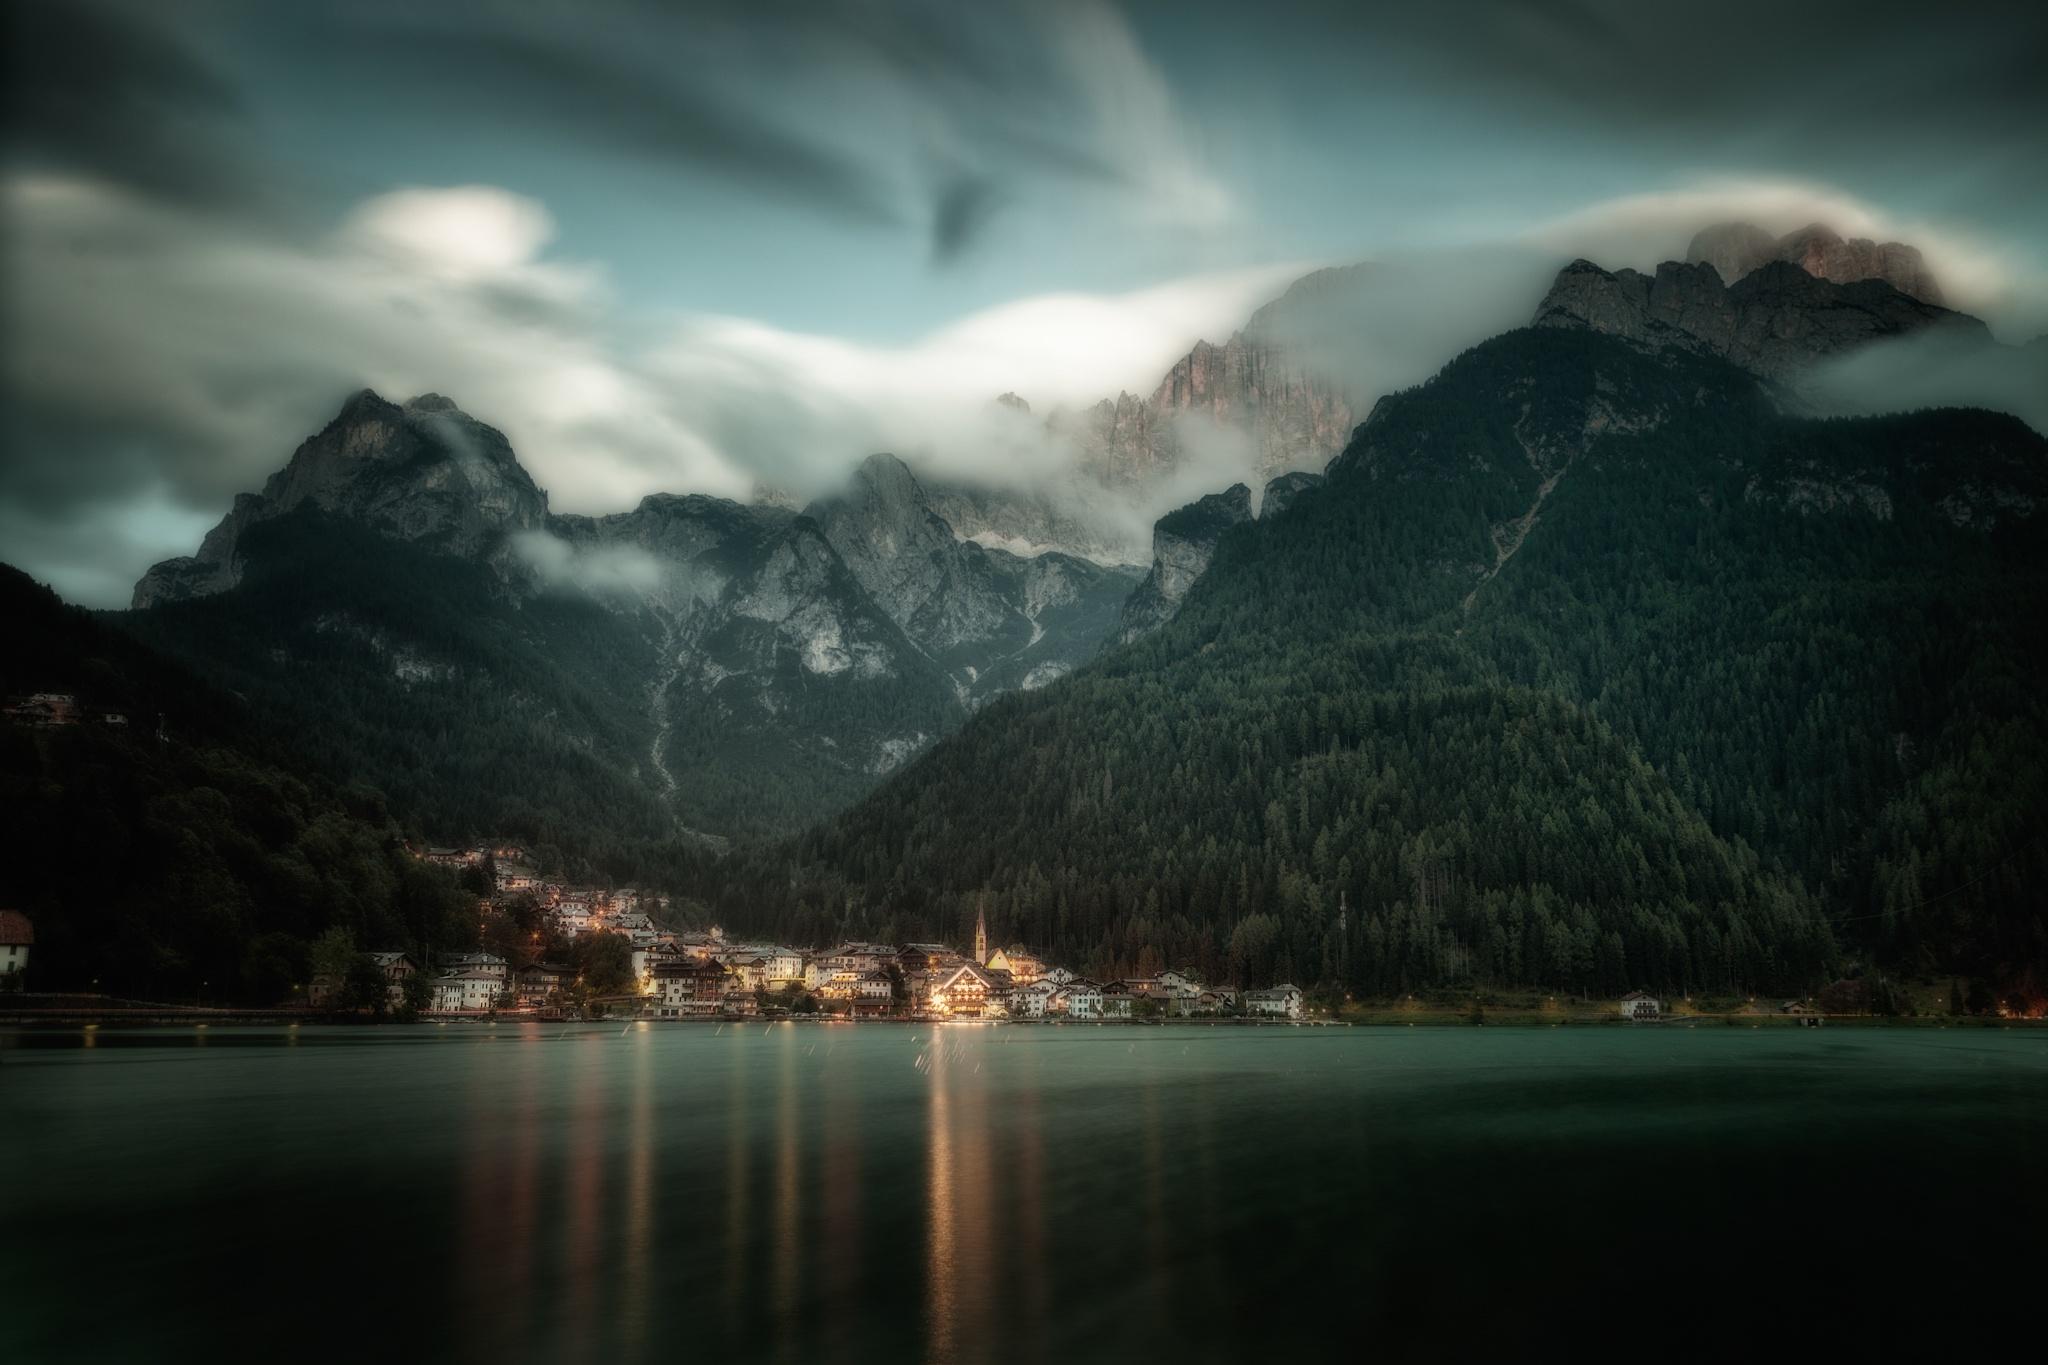 Allegue, Dolomitas - Otras montañas - Fotos del Valle del Aragón, Mikel Besga